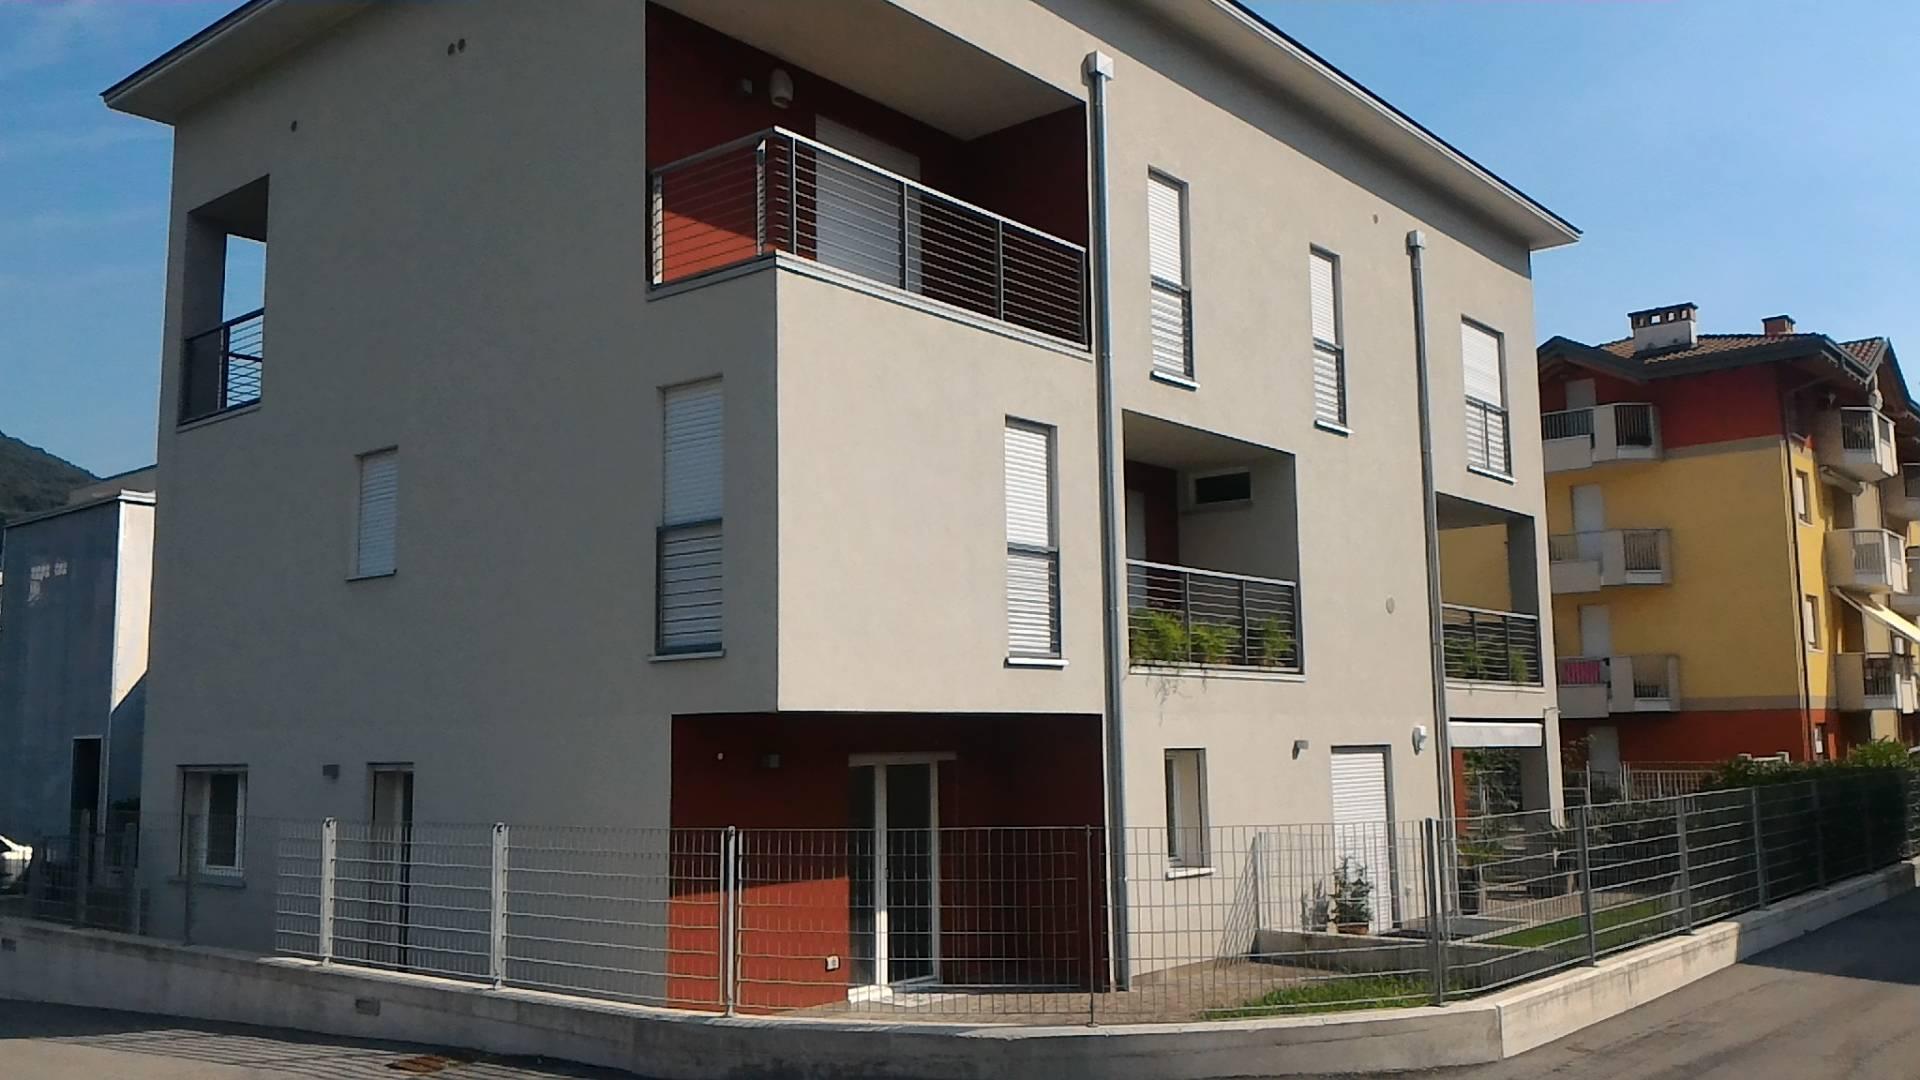 Appartamento in vendita a Riva del Garda, 2 locali, zona Zona: Riva, Trattative riservate | CambioCasa.it